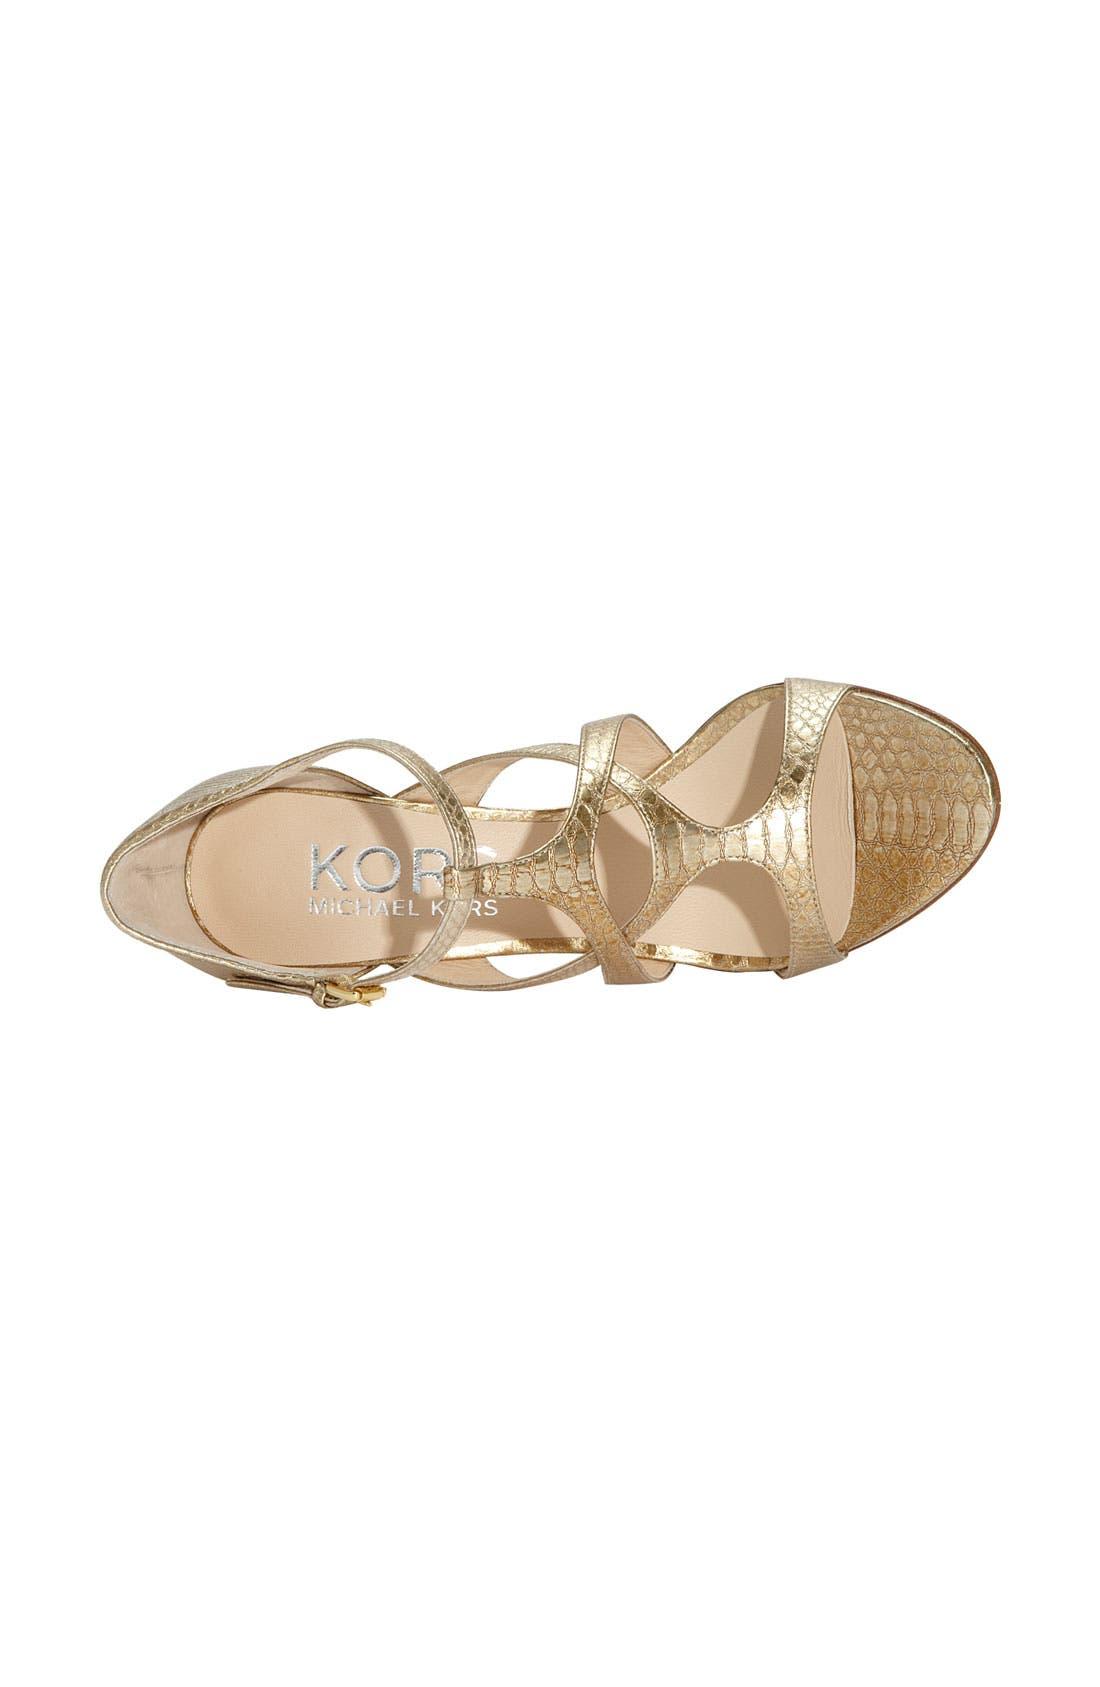 Alternate Image 3  - KORS Michael Kors 'Sasha' Sandal